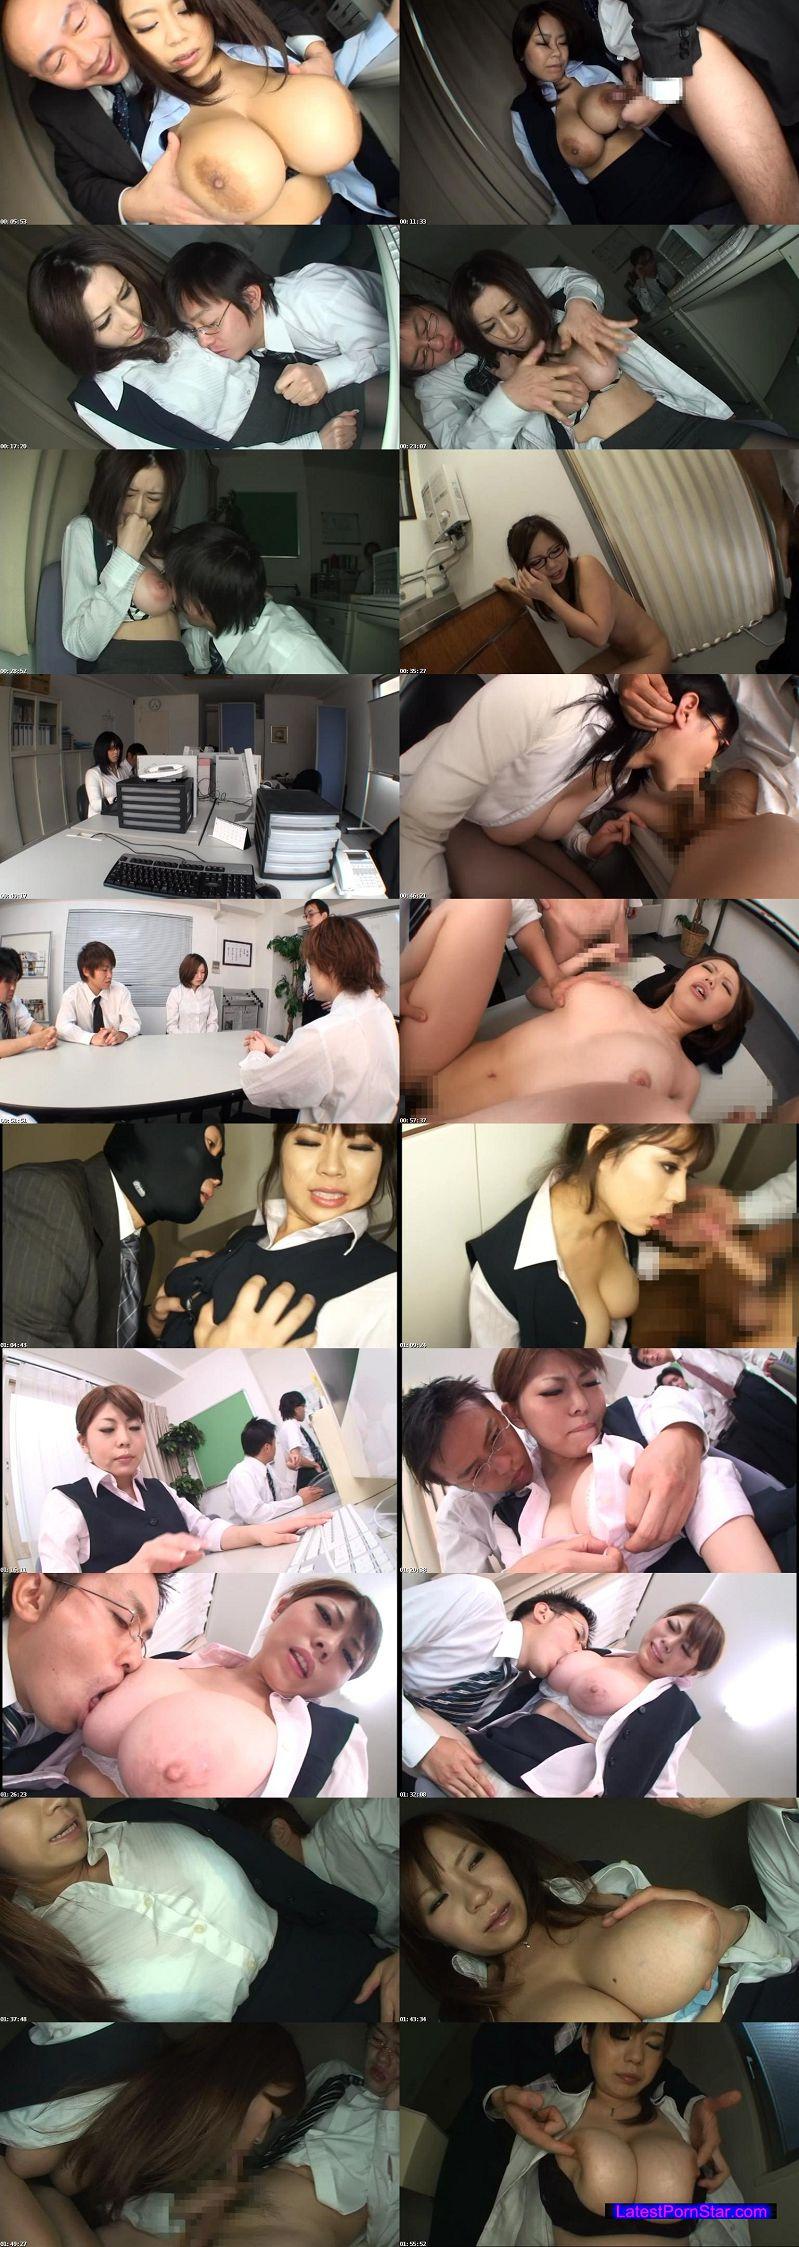 [BOMN-095] 爆乳OL 社内乳辱 キミが入社した時から乳射したかった!